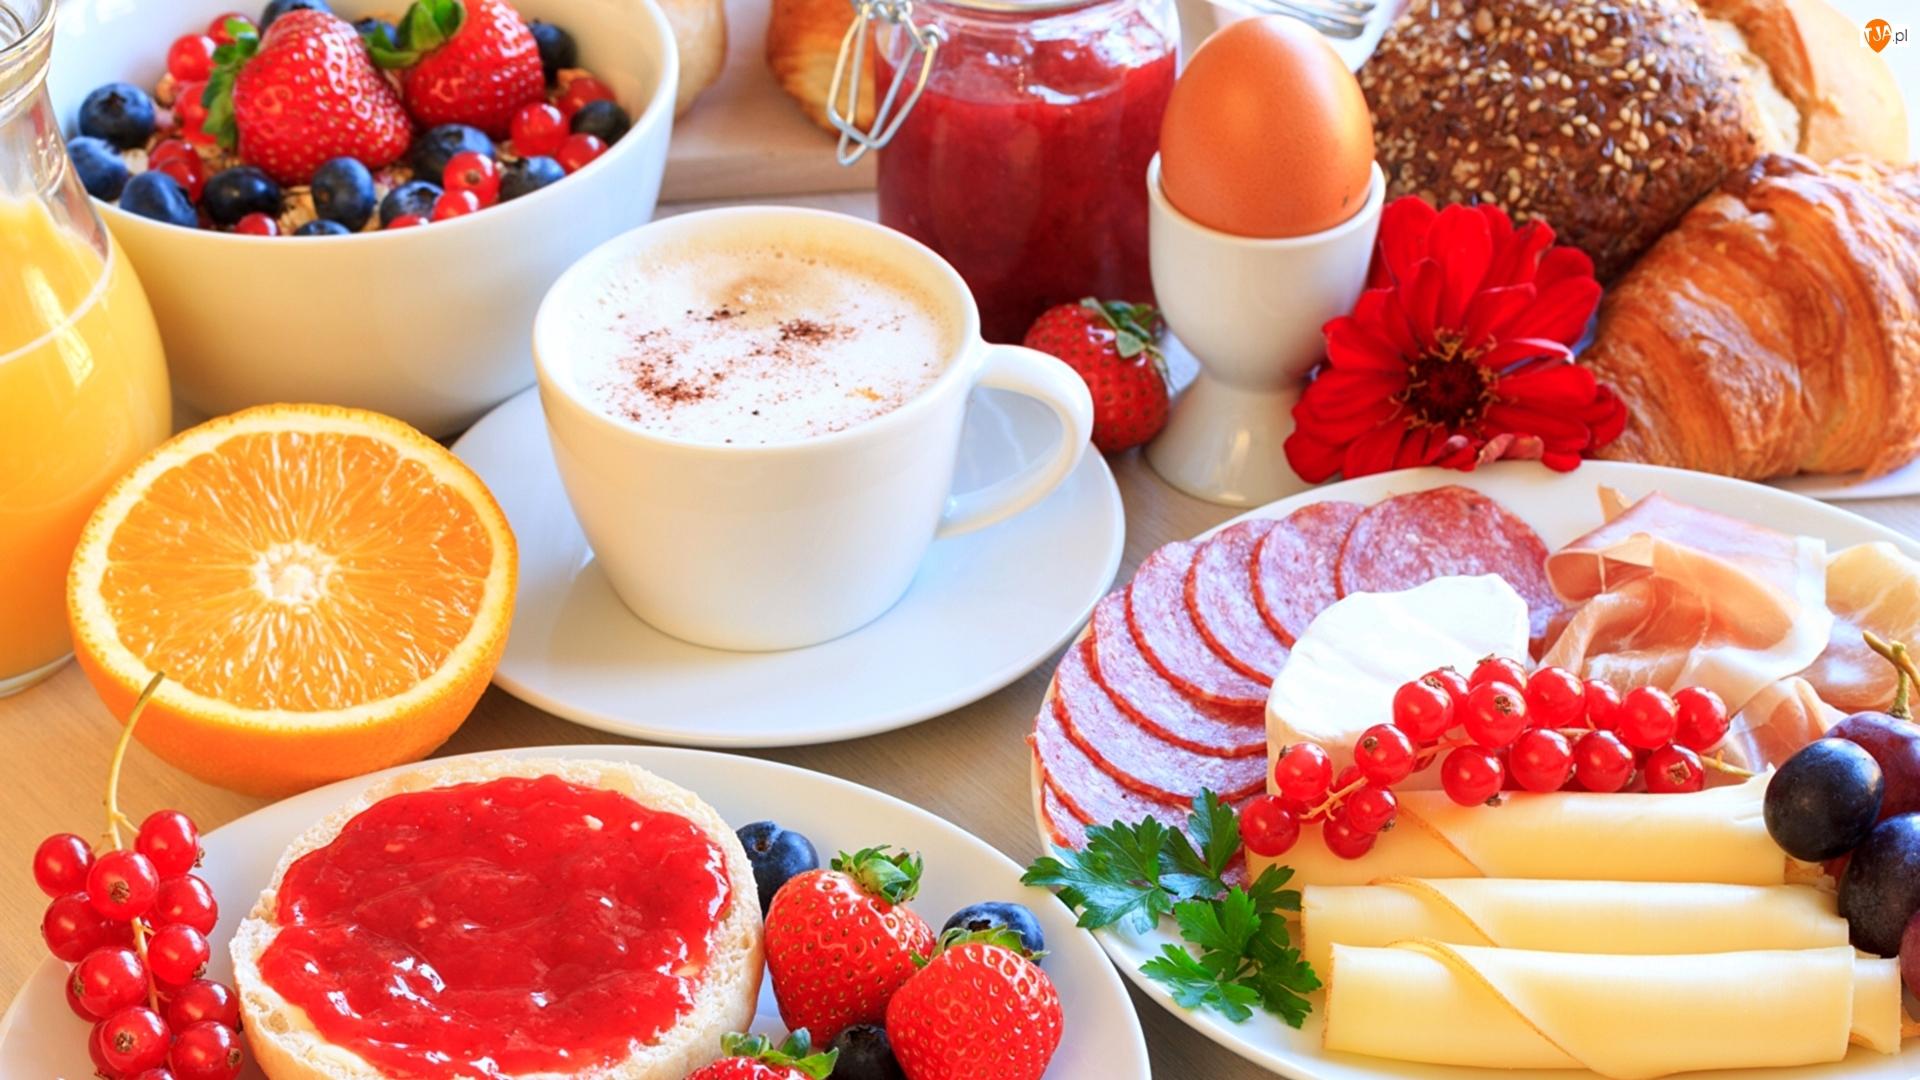 Talerze, Dżem, Sok, Jajko, Kawa, Śniadanie, Wędlina, Ser, Owoce, Pieczywo